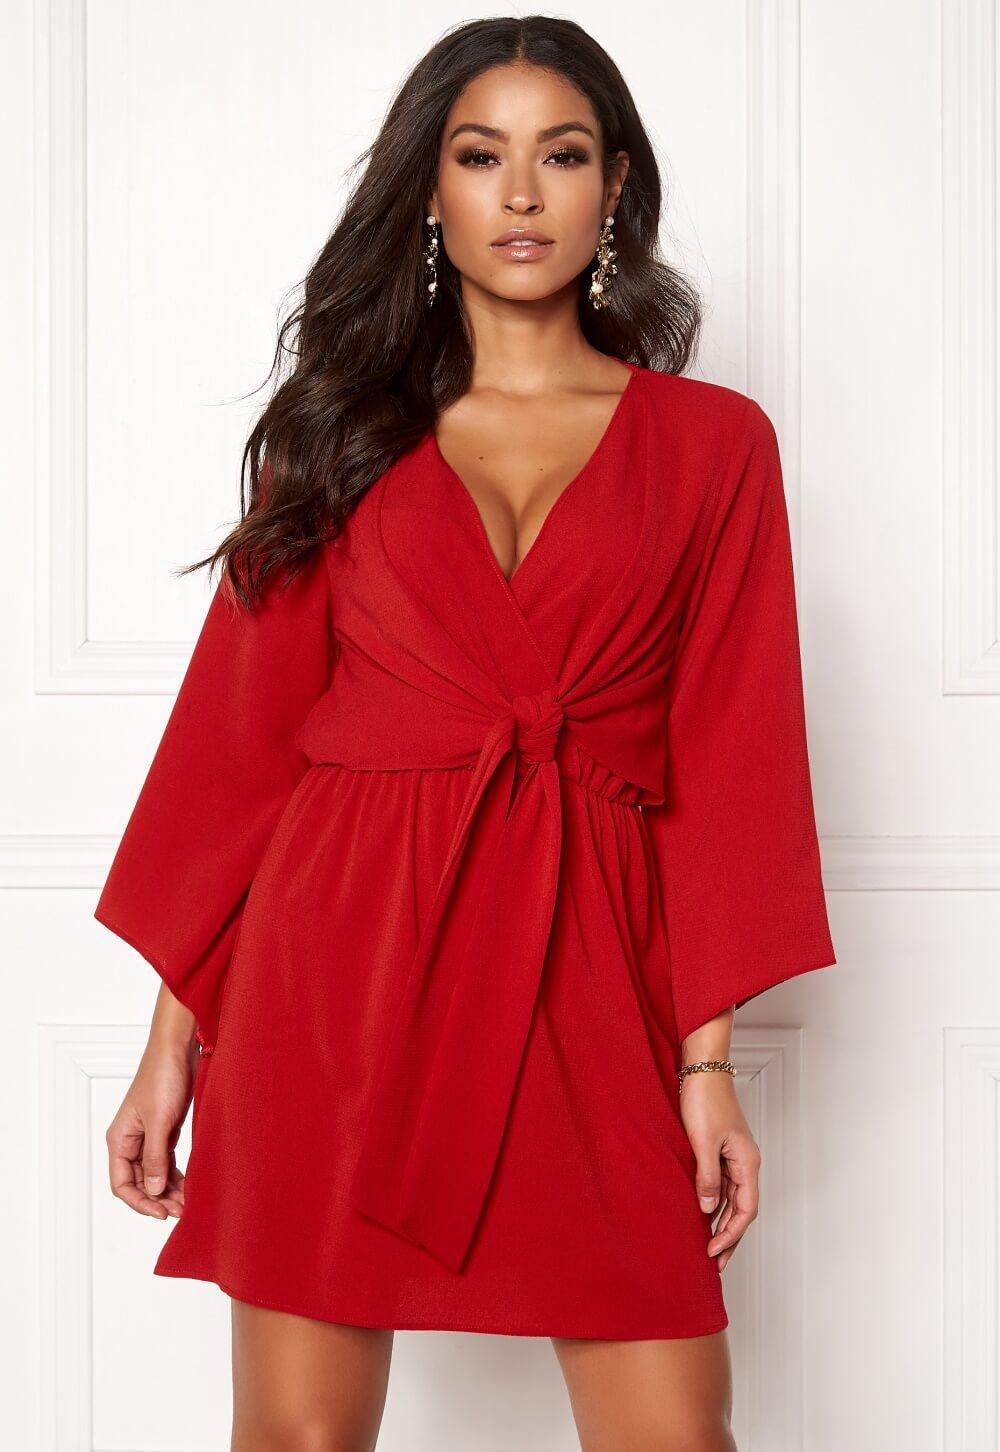 En röd klänning med knytdetalj i midjan.